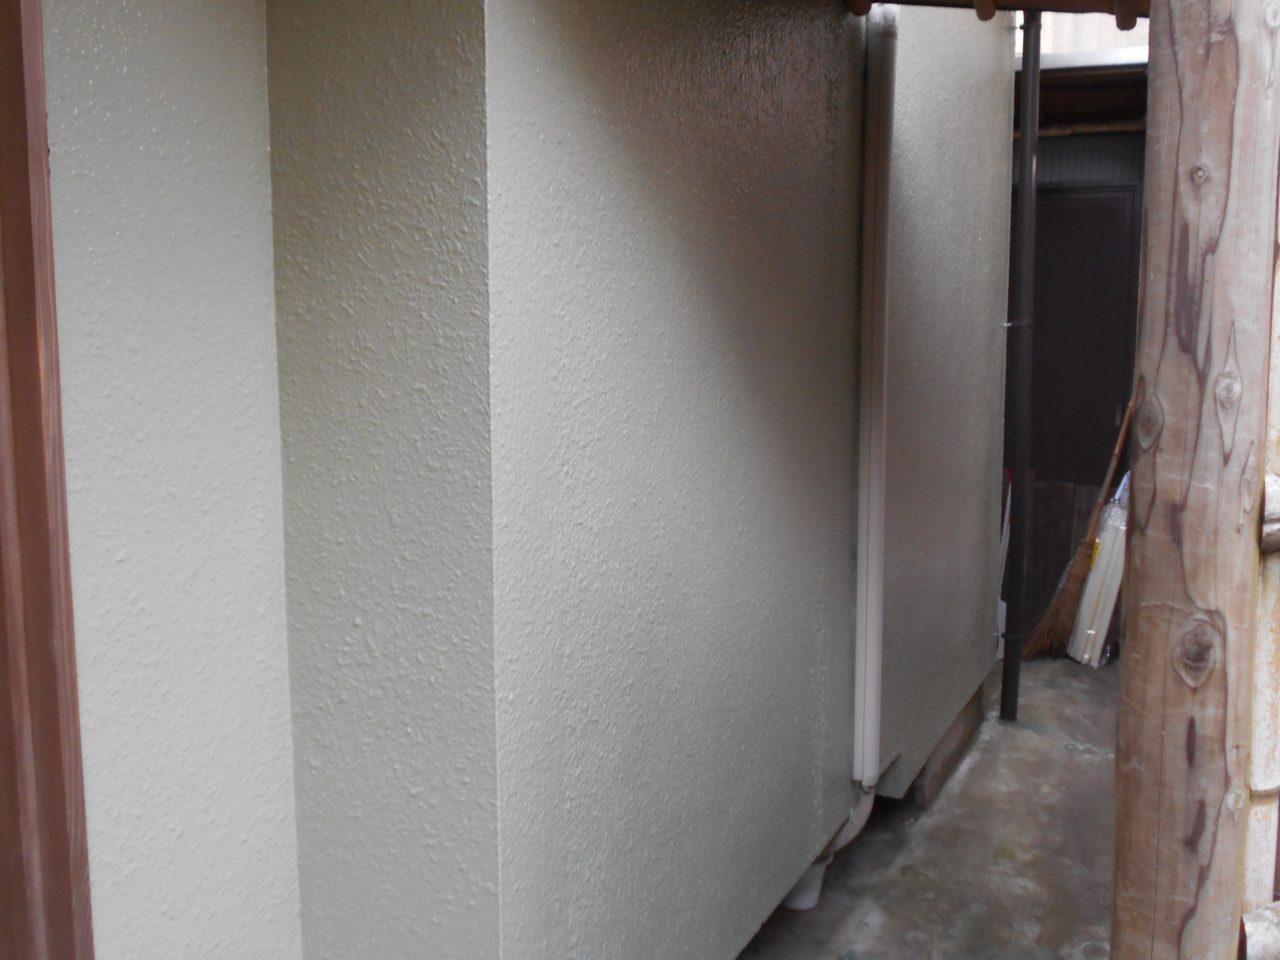 防水塗料ガーディアン。好みの仕上げ材で綺麗になります。